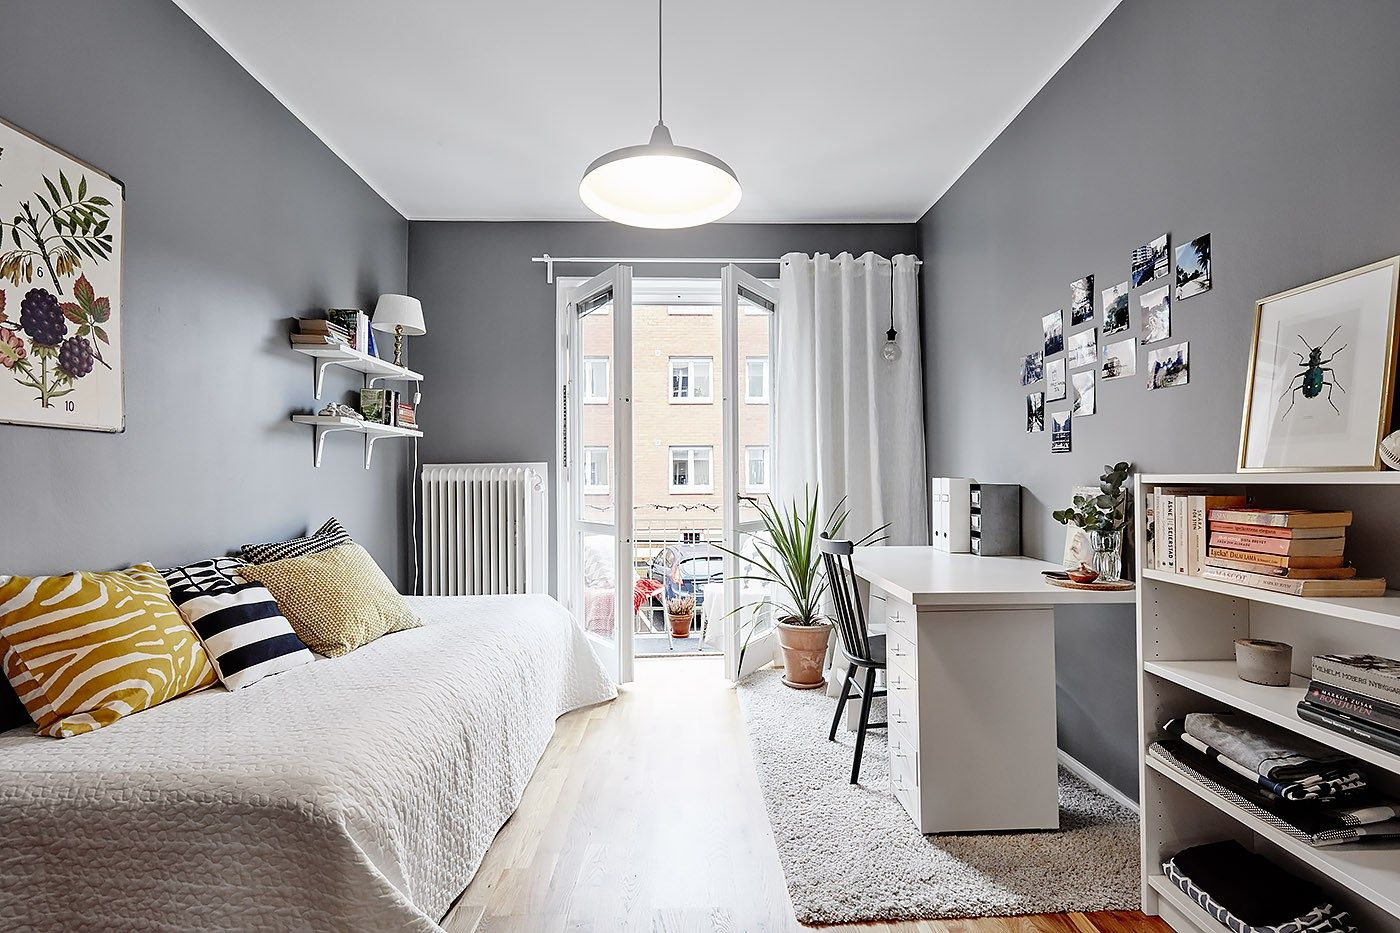 Habitaciones juveniles de estilo n rdico pinterest for Adornos habitacion juvenil